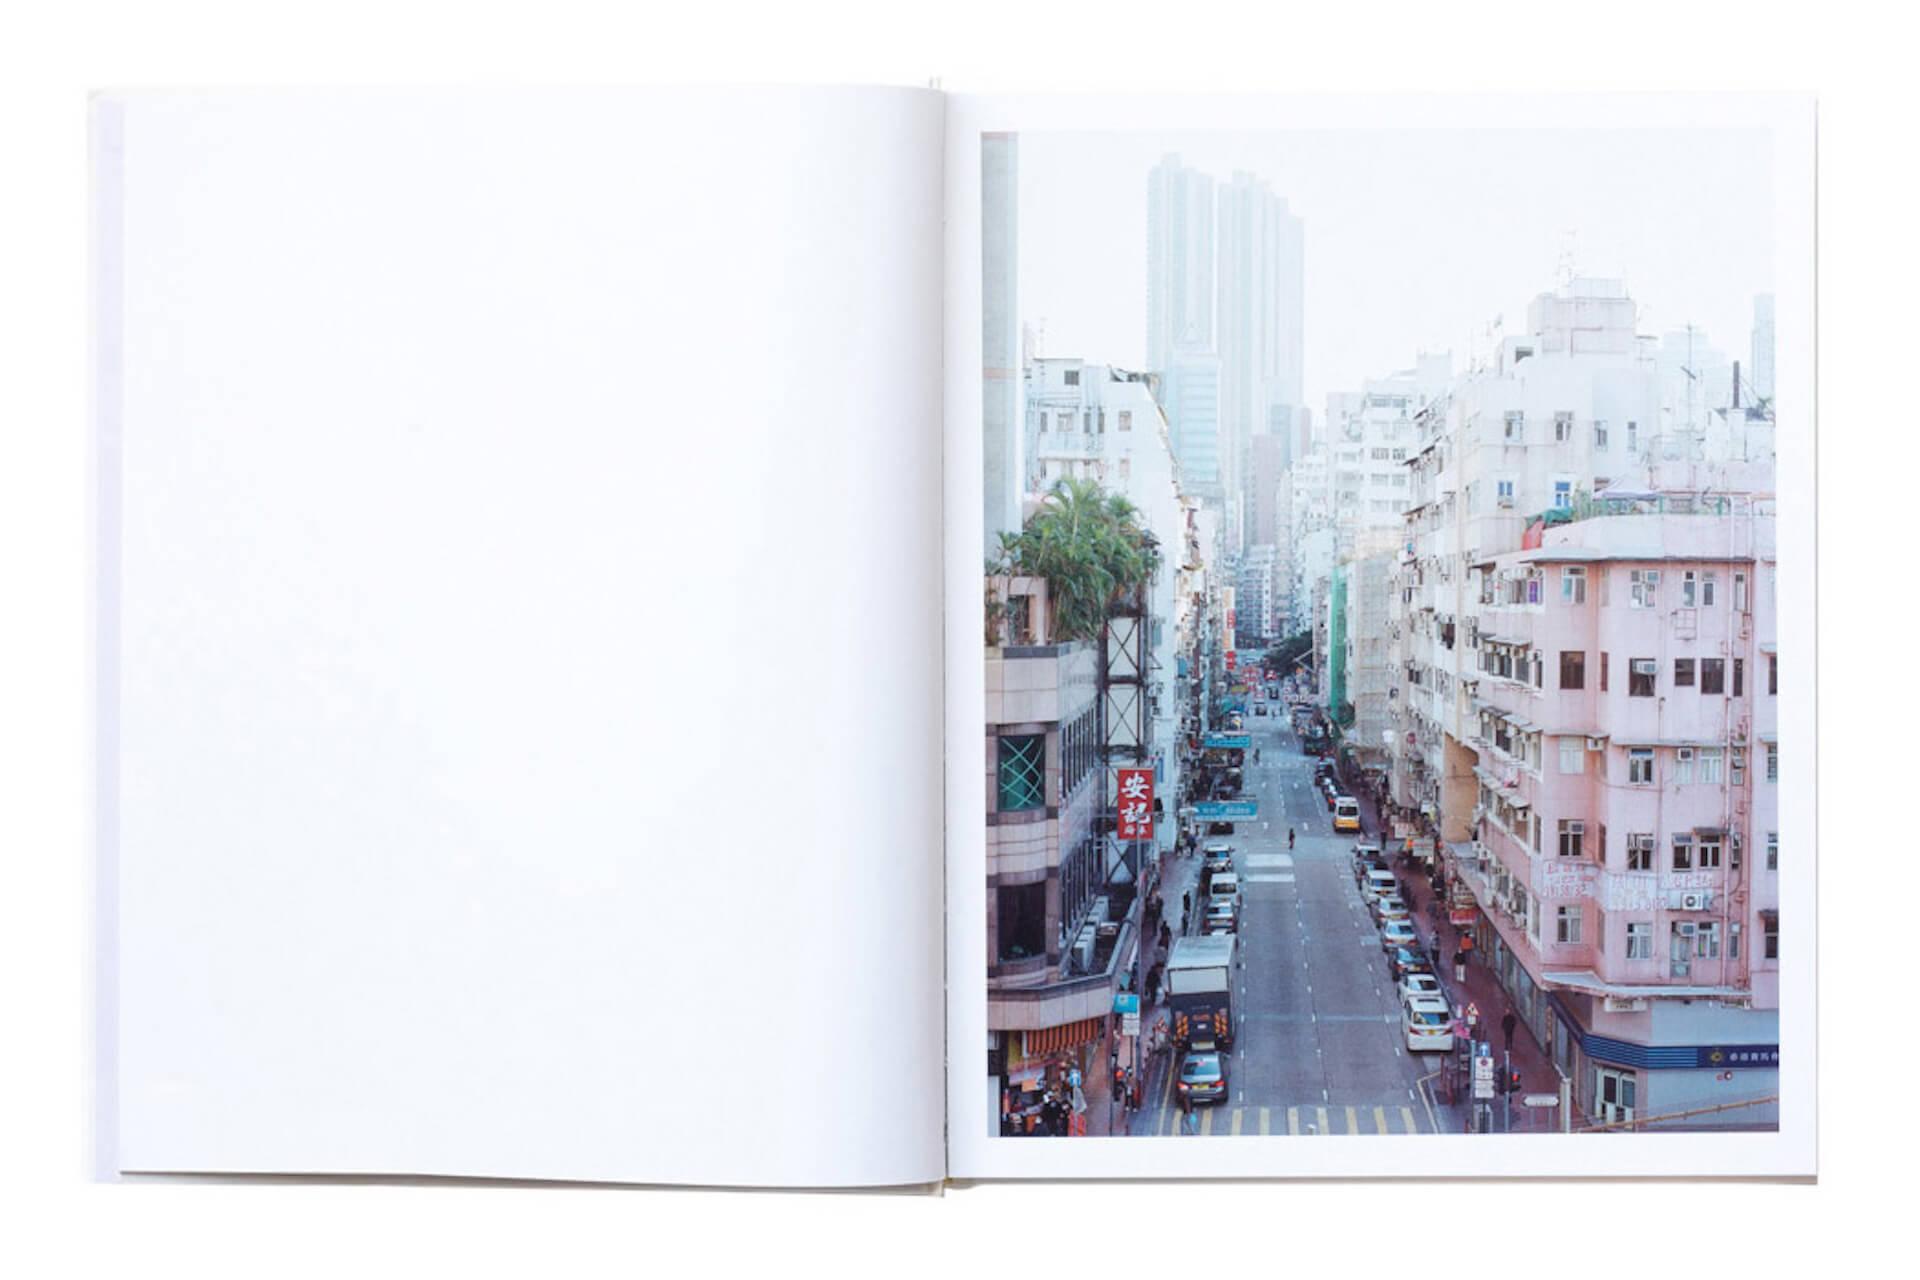 アートブックノススメ|Qetic編集部が選ぶ5冊/Roni Ahn 他 column210916_artbook-021